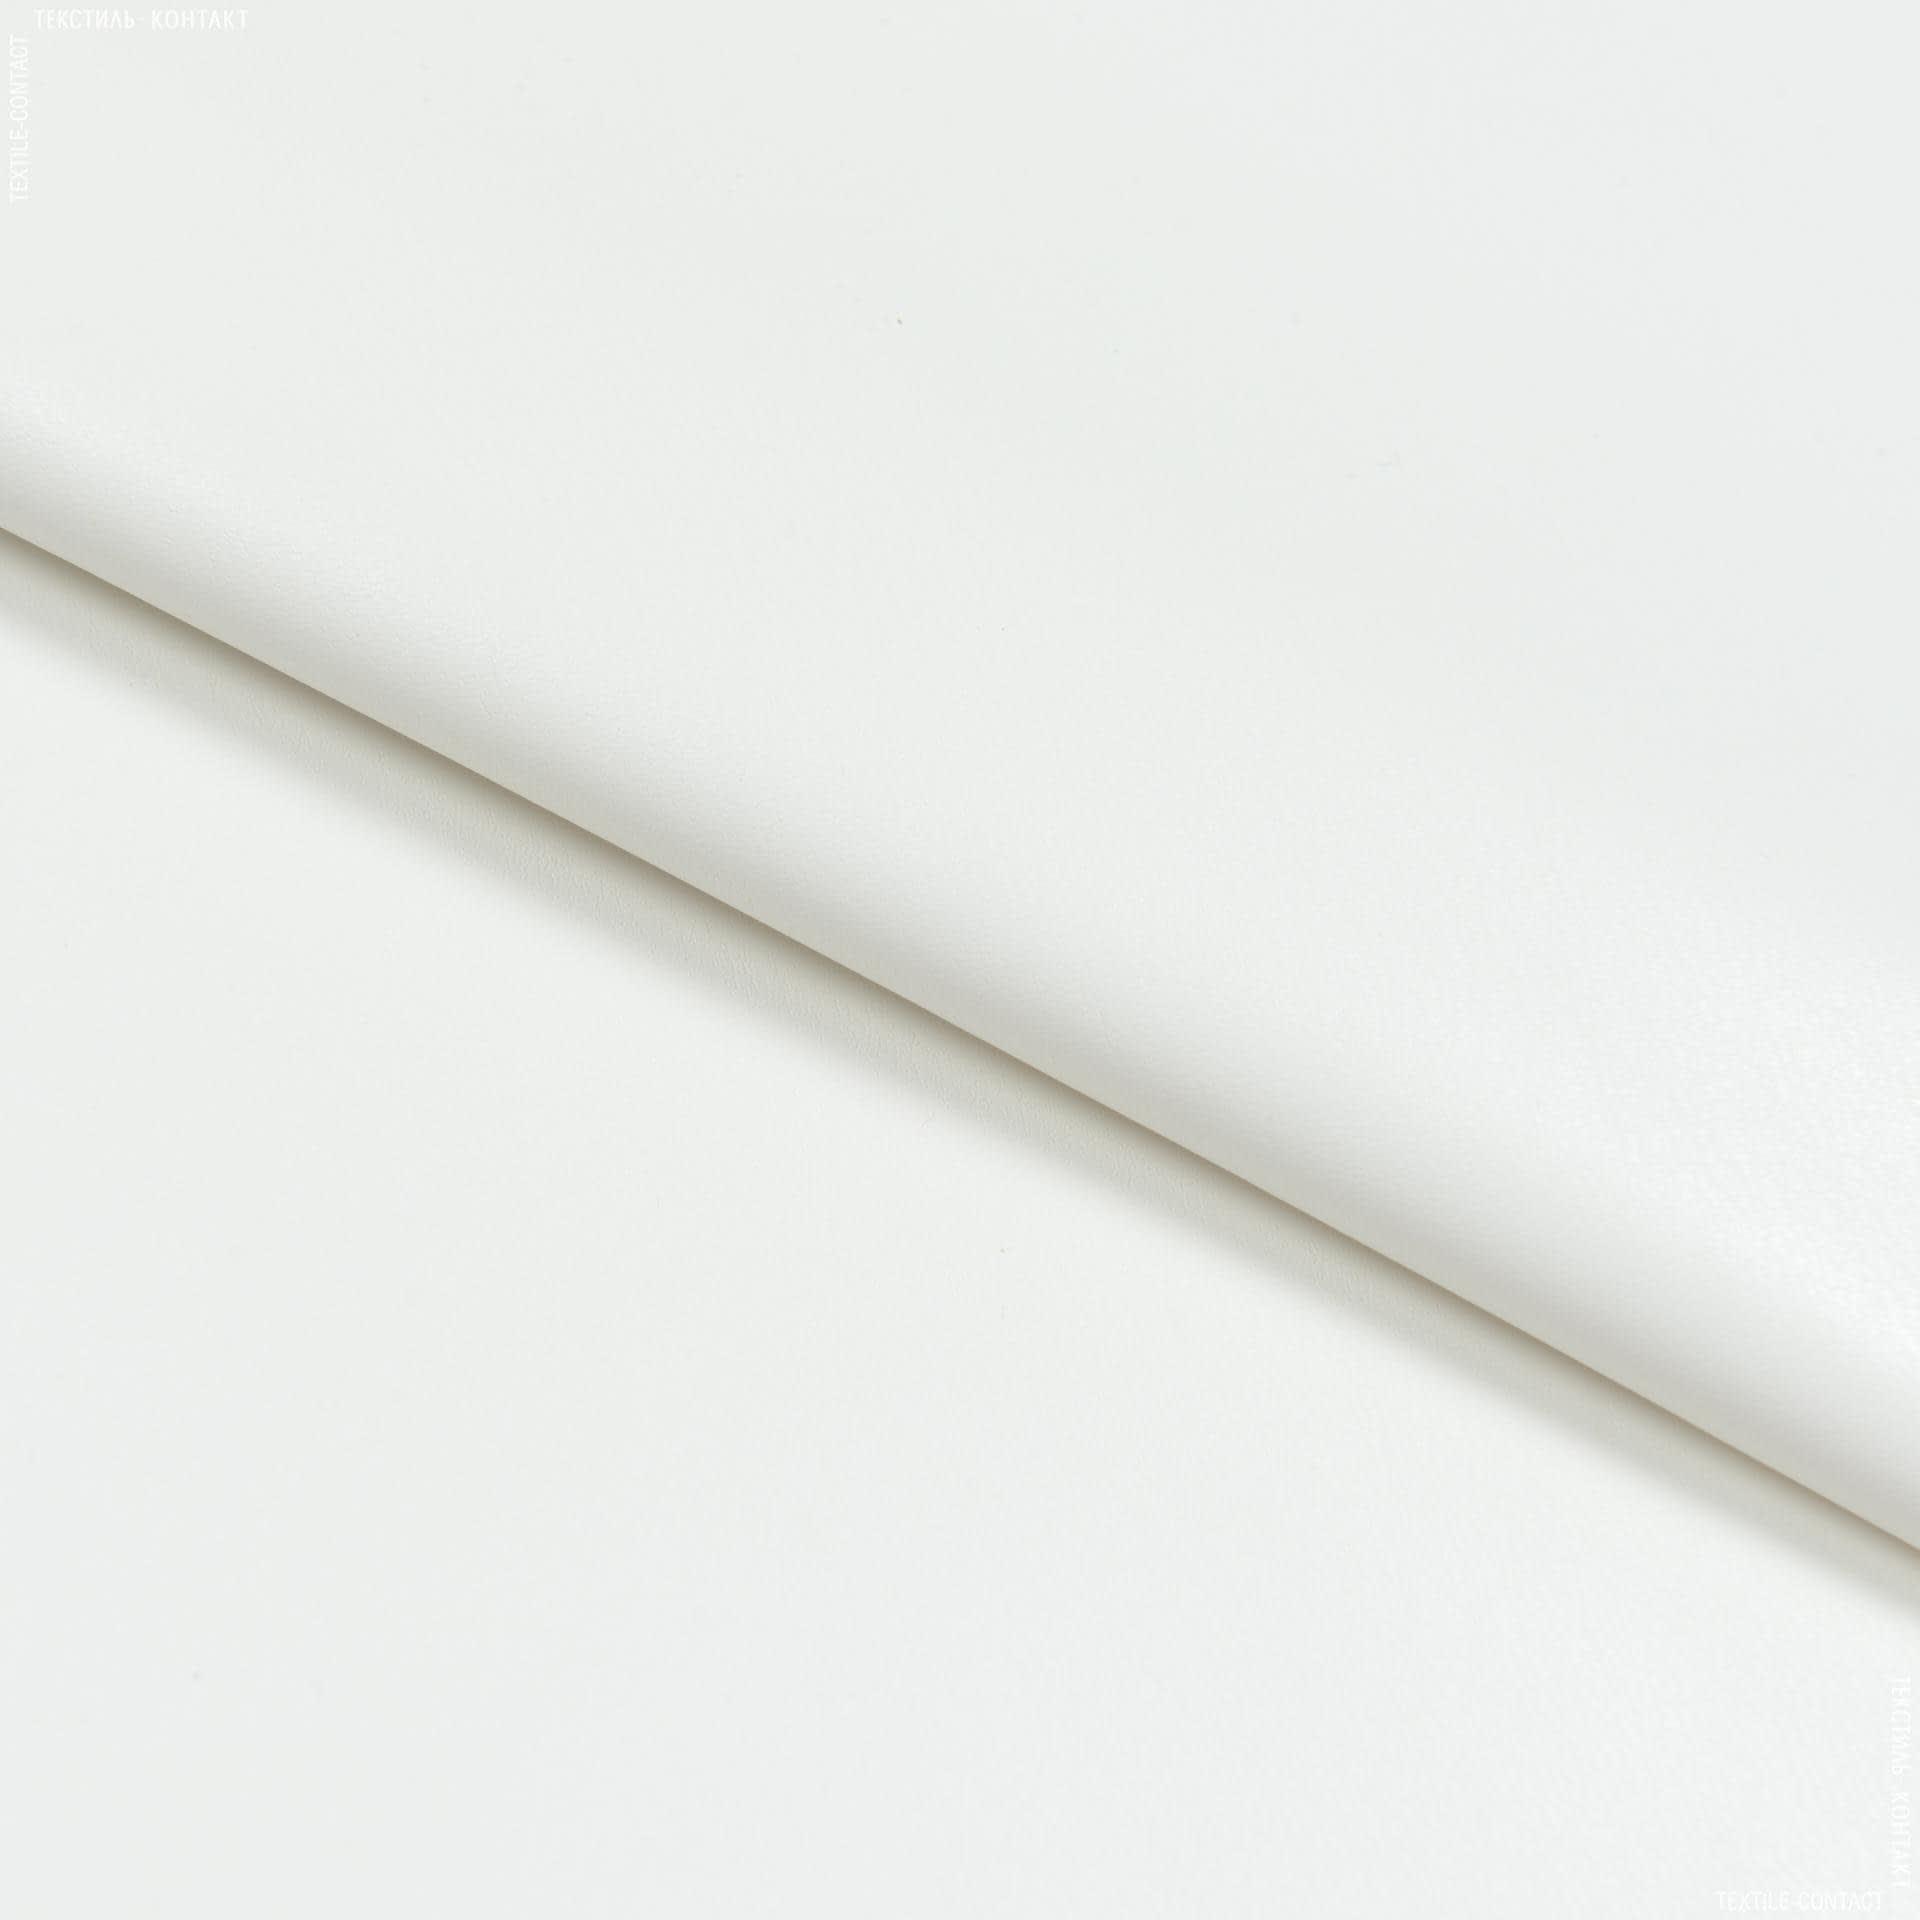 Ткани для платьев - Кожа искусственная матовая белый